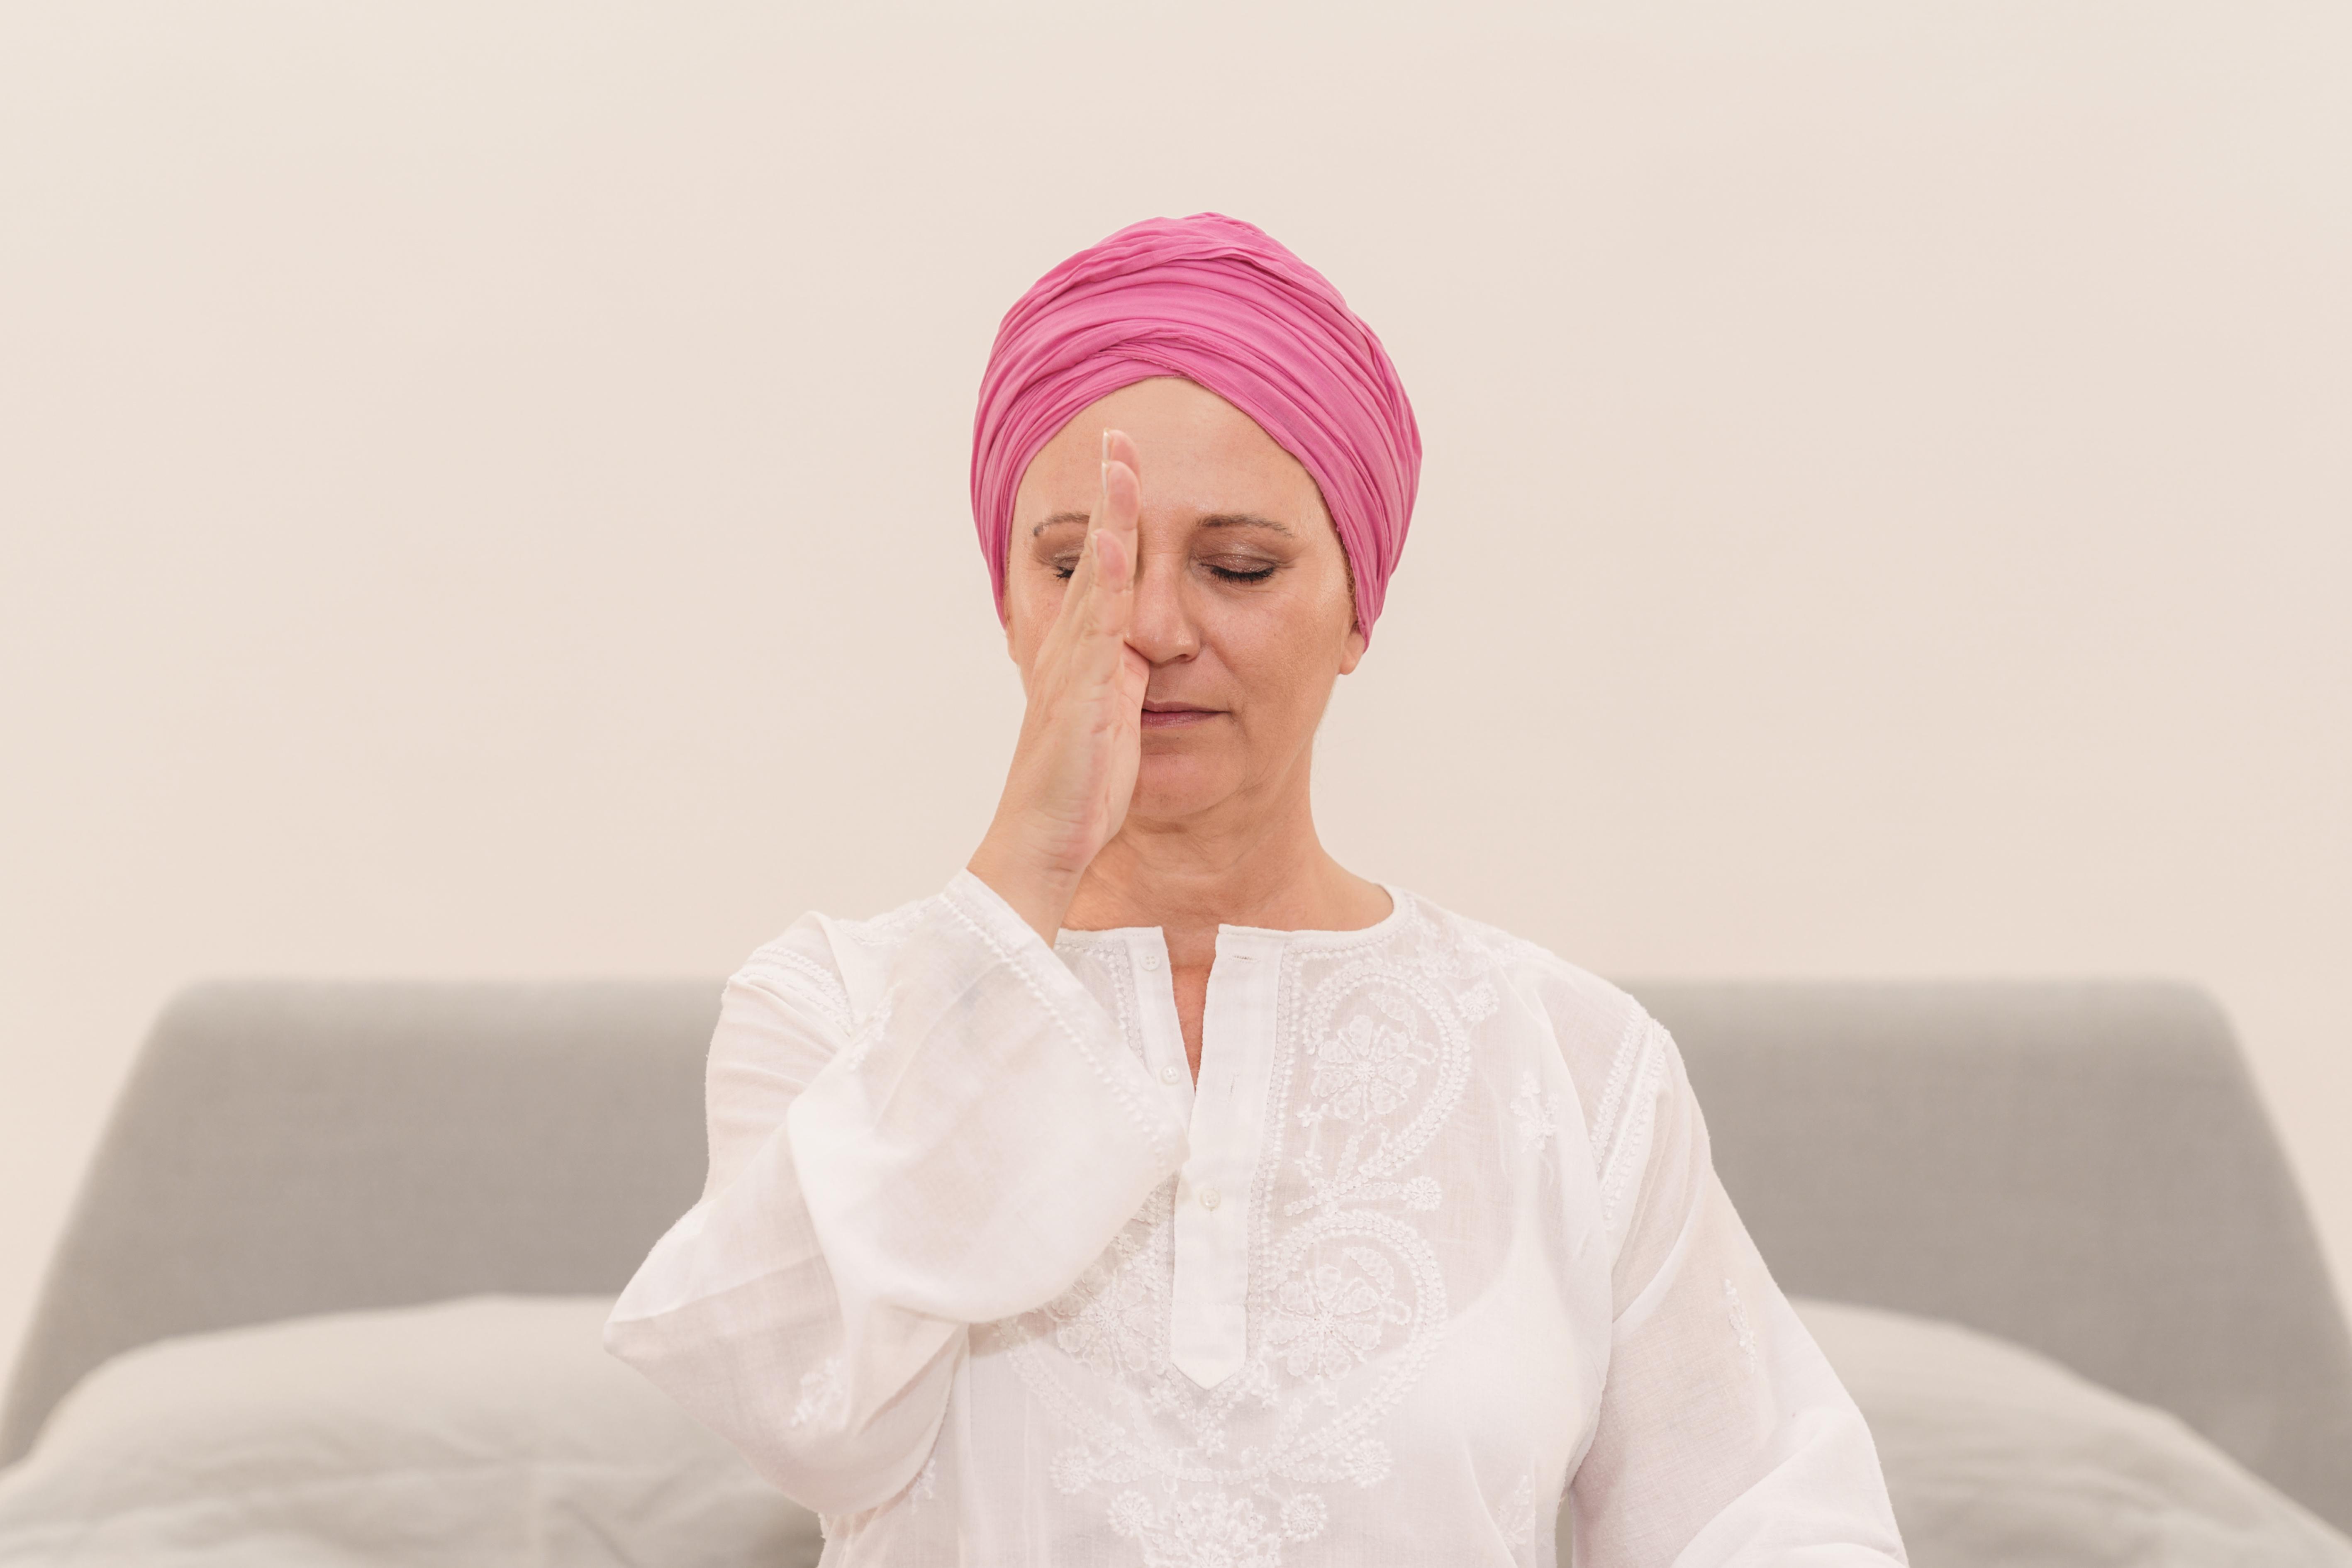 donna che respira dalla narice sinistra, scopri come addormentarsi con serenità con il pranayama